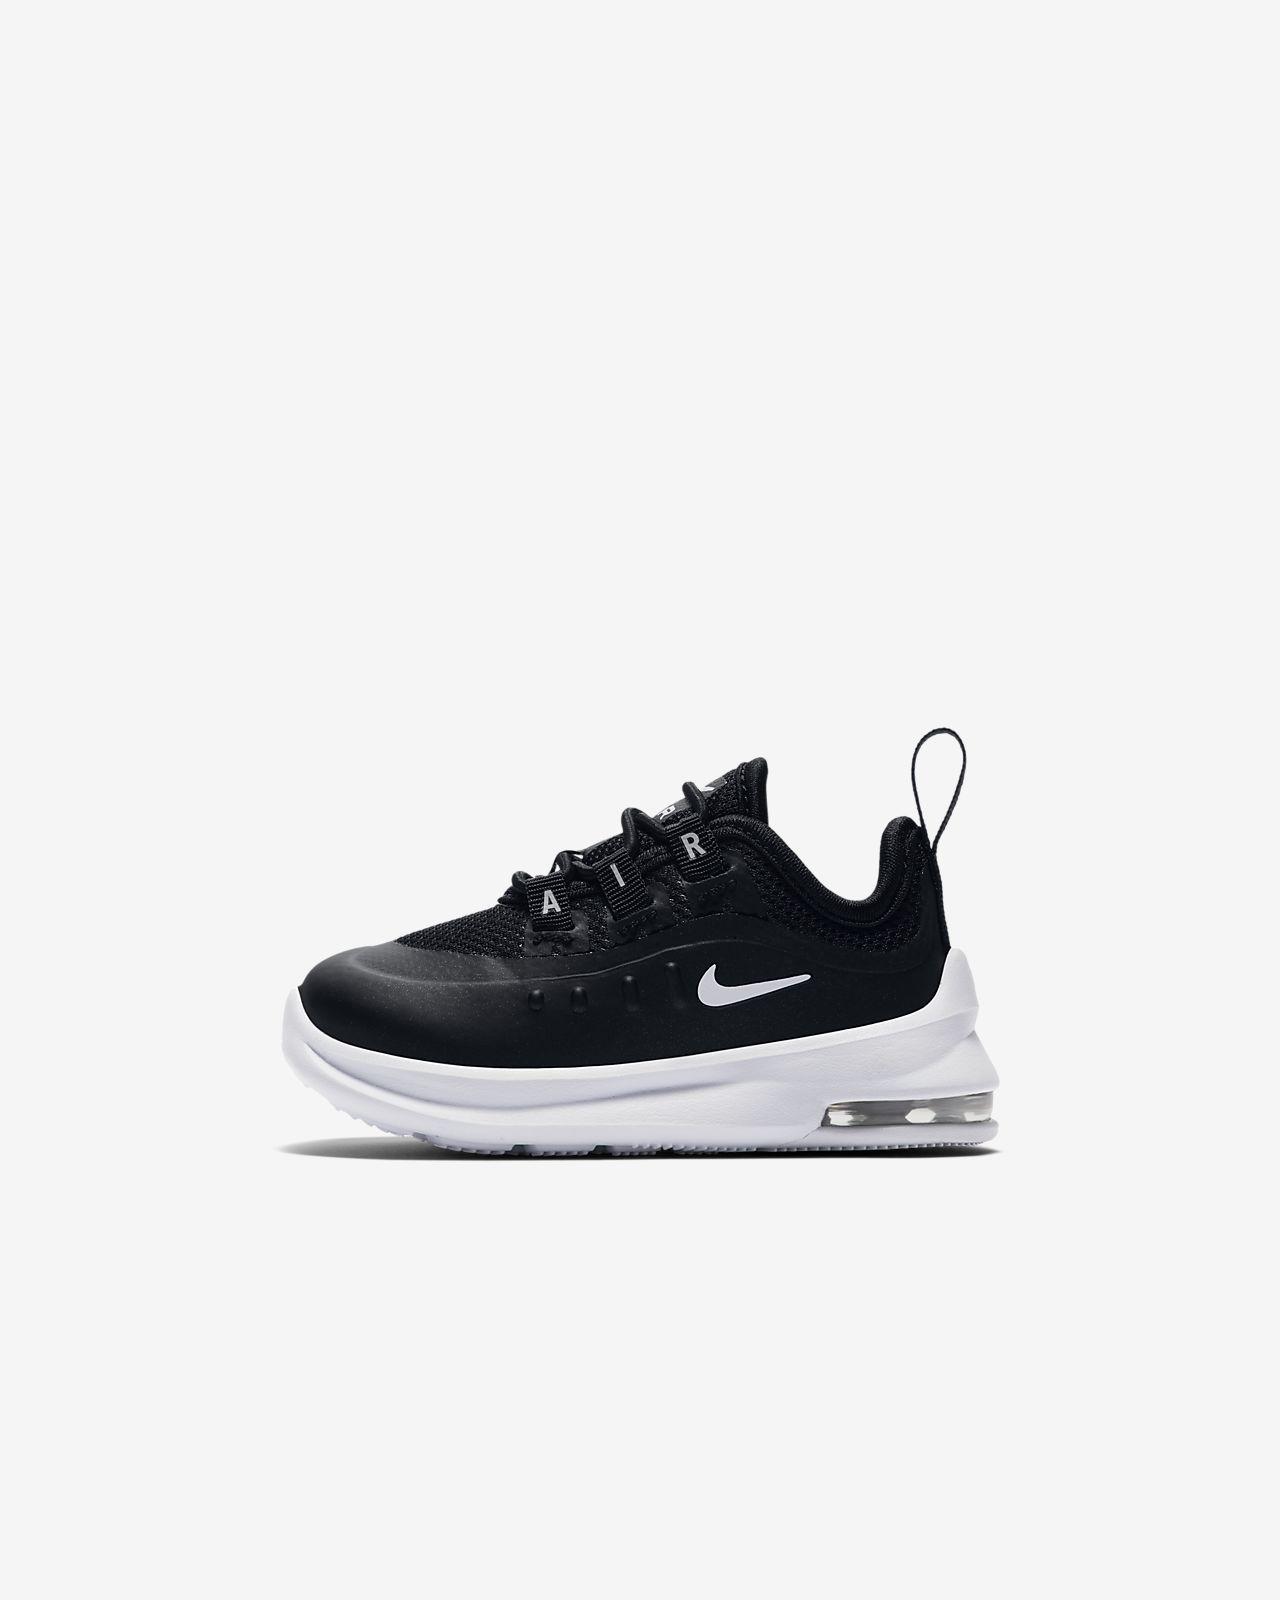 Nike Air Max Axis 嬰幼兒鞋款